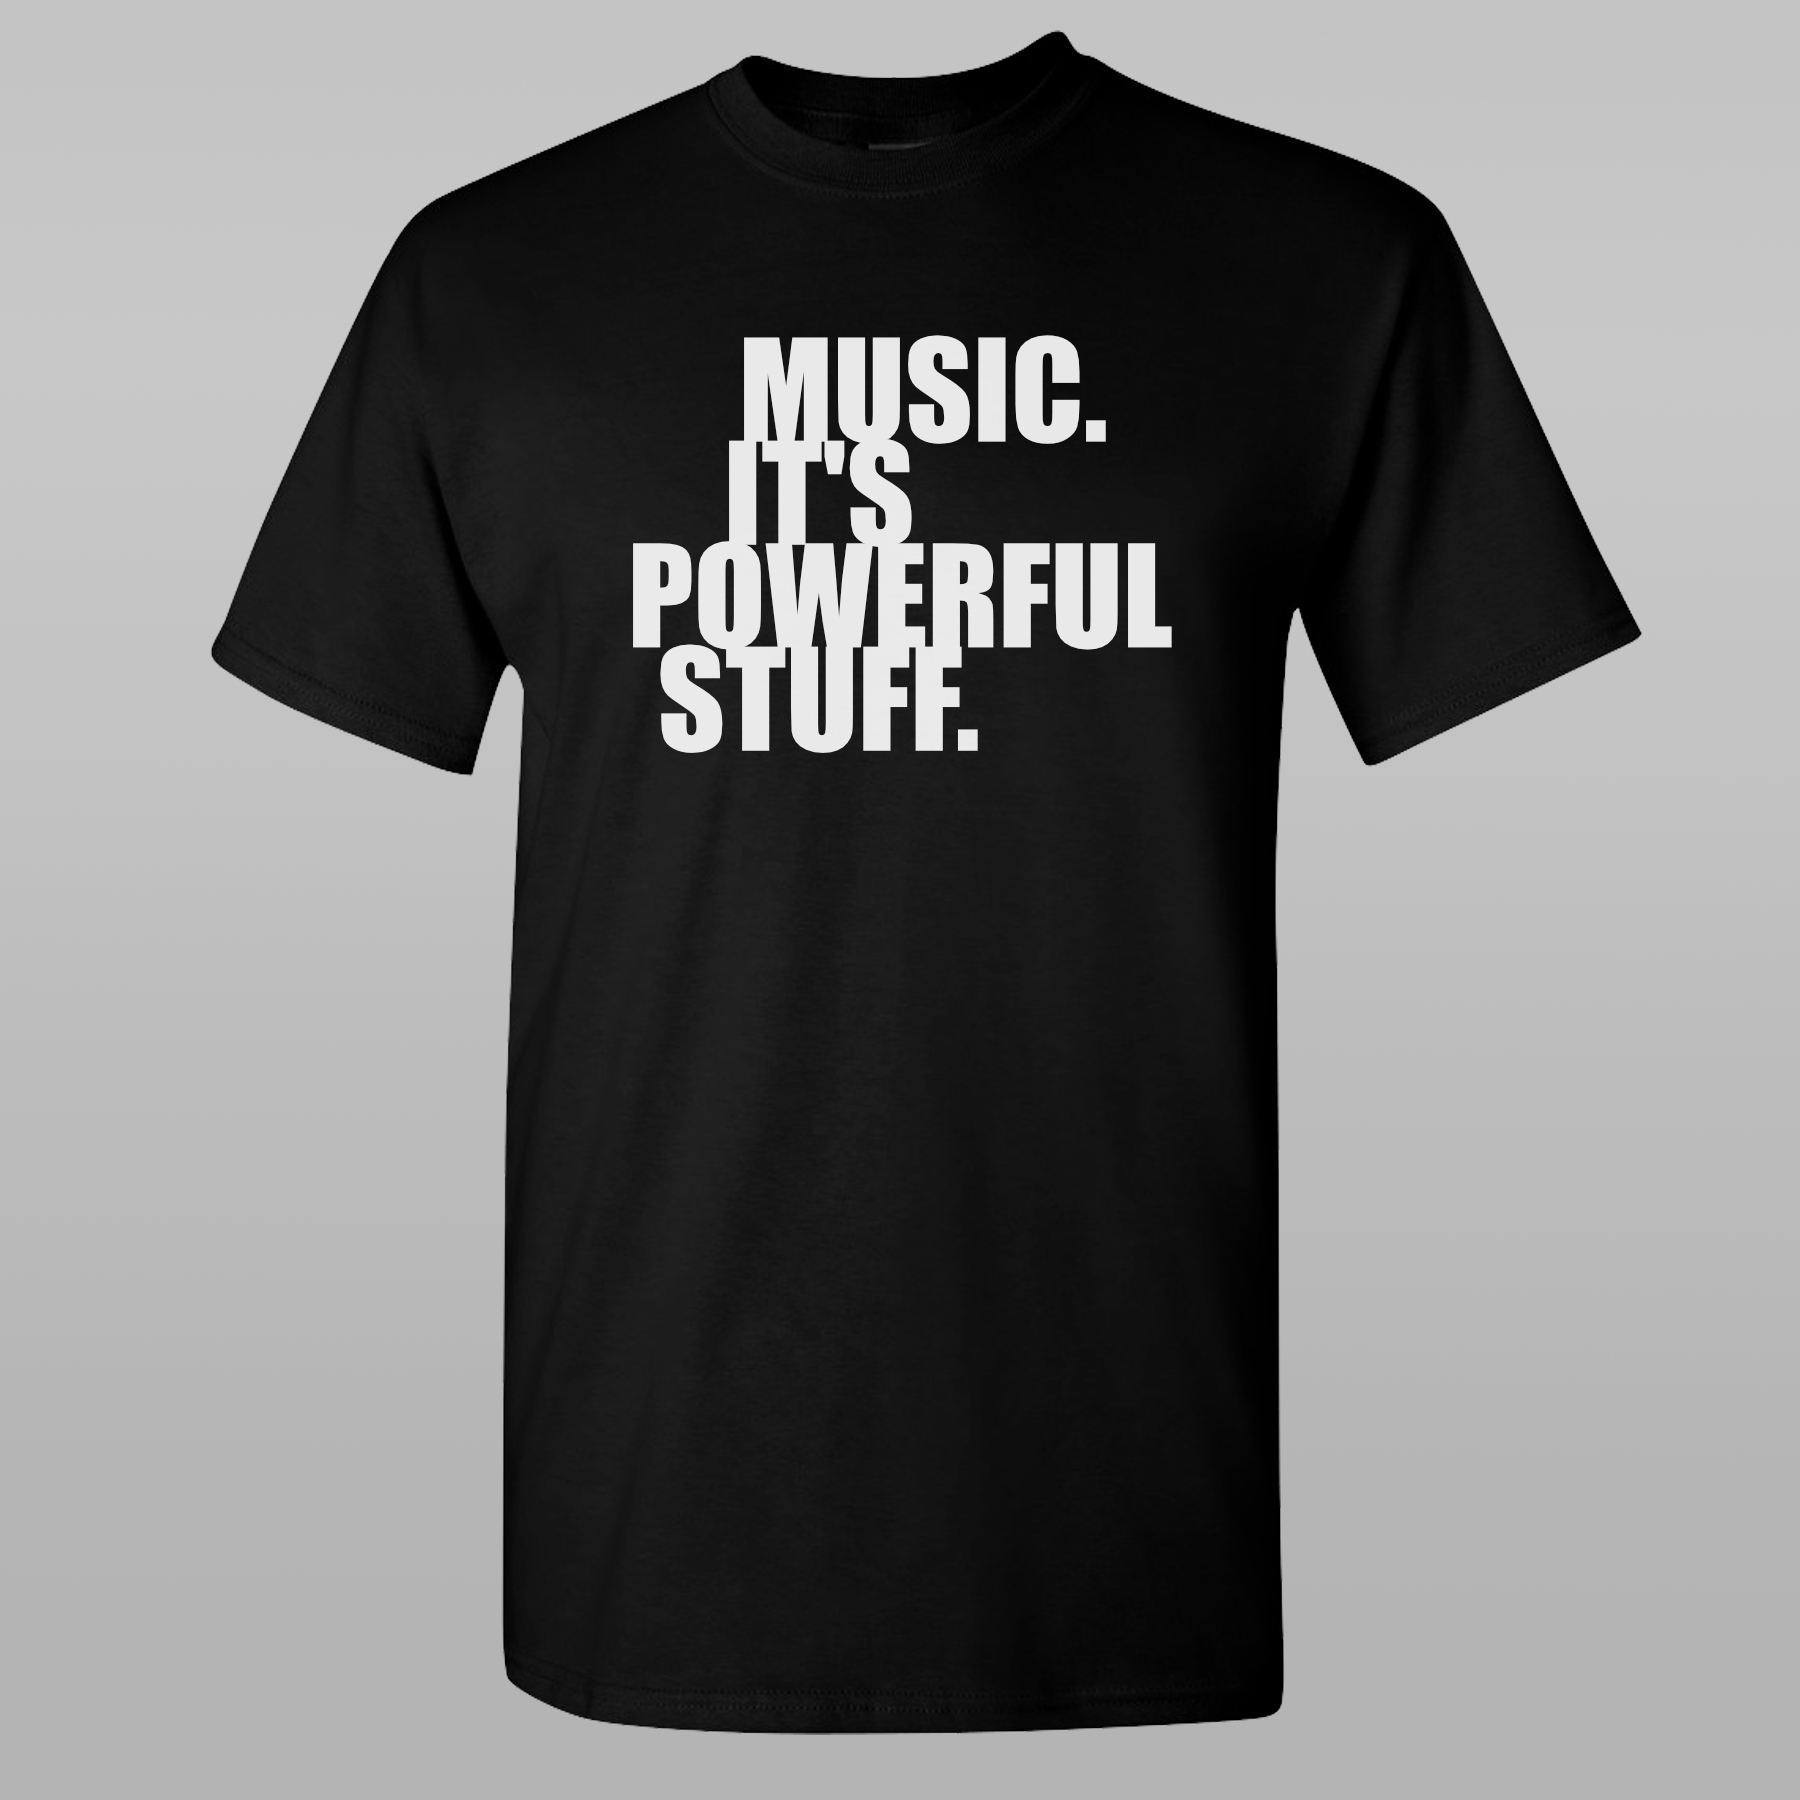 Music. It's Powerful Stuff. T-Shirt